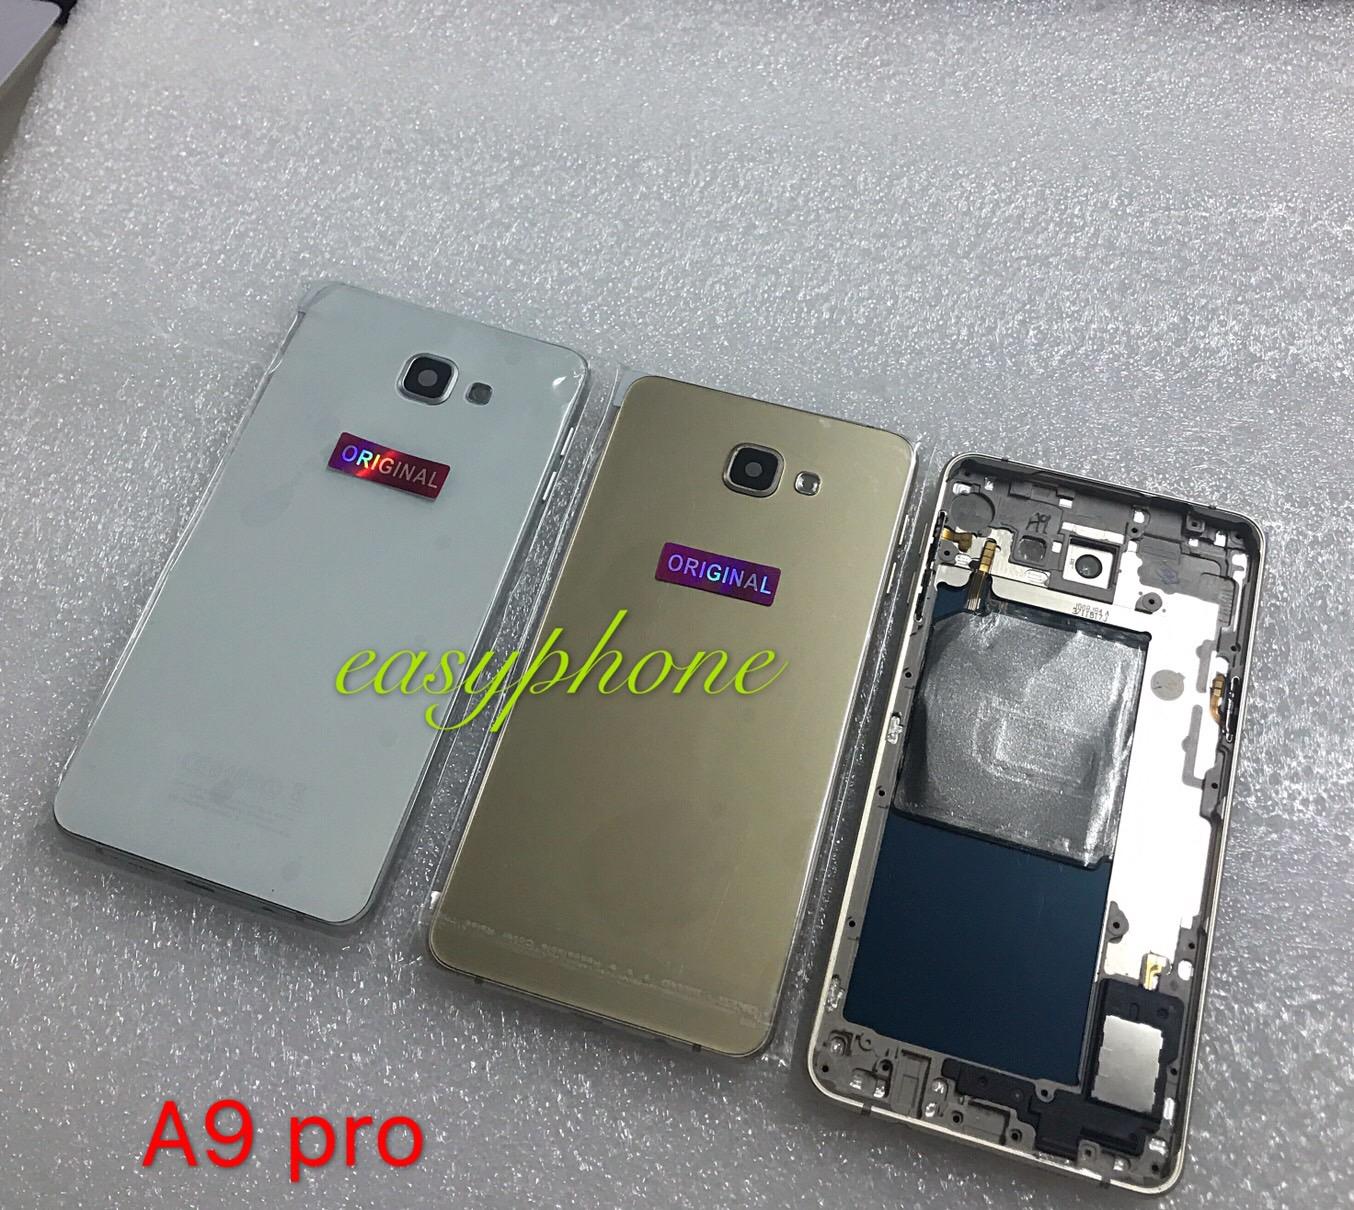 หน้ากาก Samsung A9 Pro